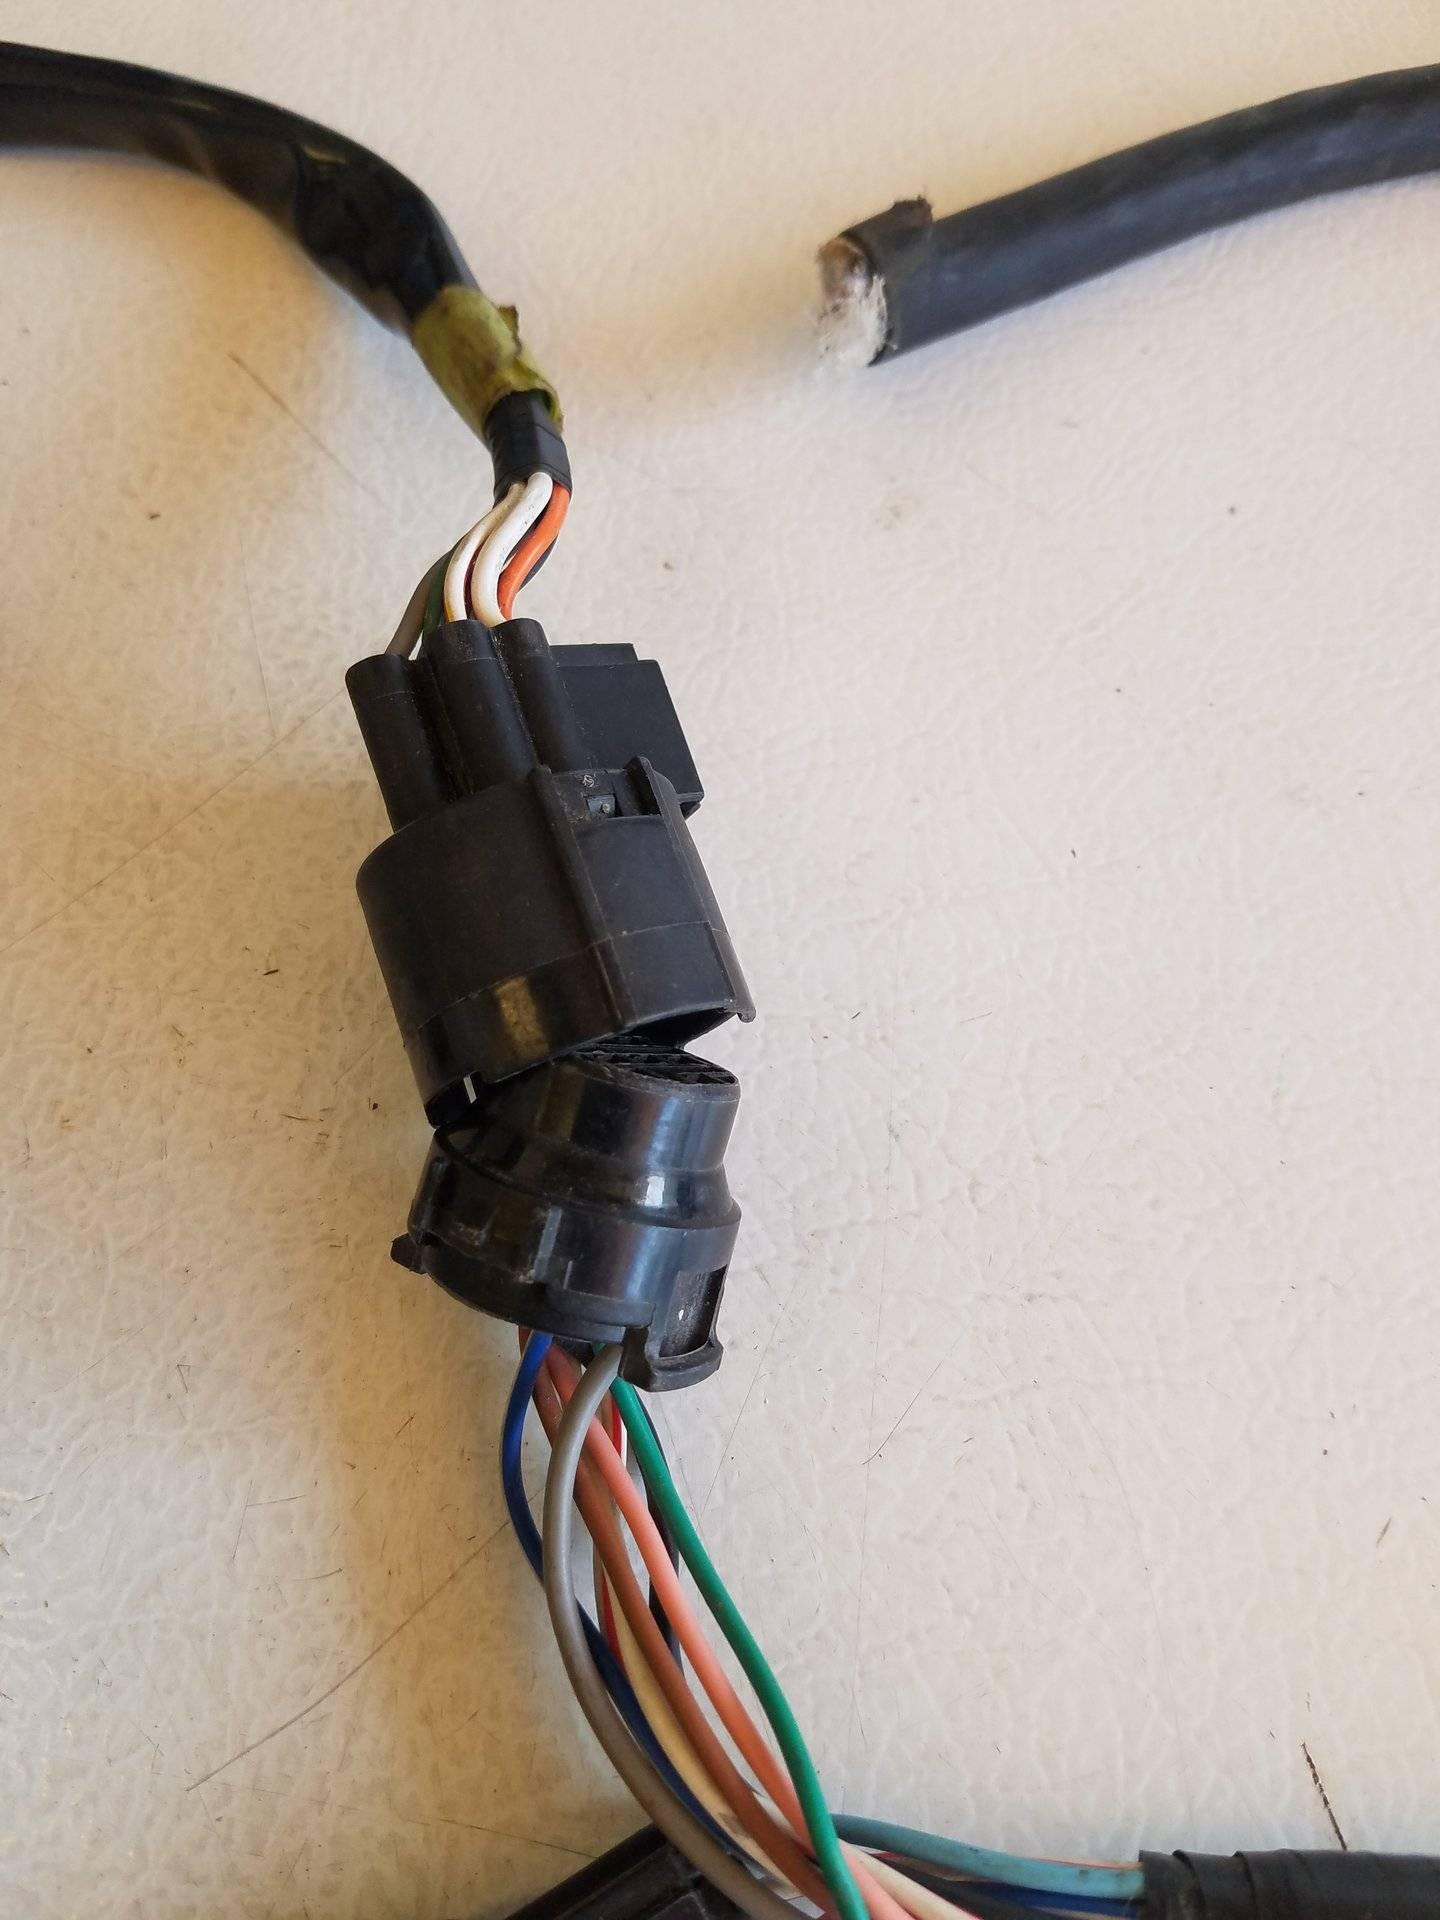 Suzuki Outboard Ignition Switch W  Key  Wiring Harness  50